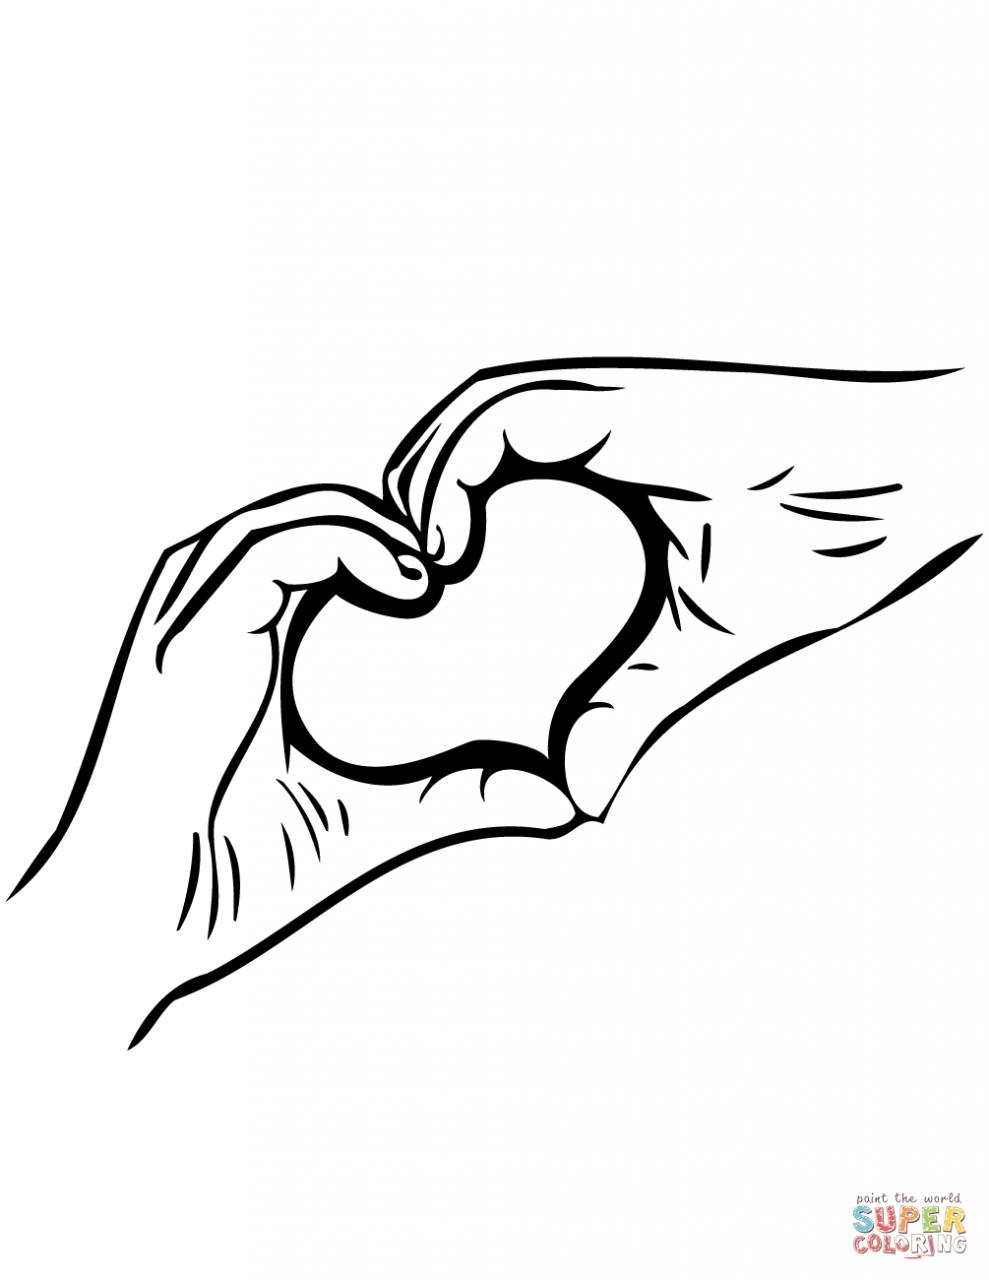 50 buc tranh to mau hinh trai tim dep nhat danh tang cho be 6 - 50+ bức tranh tô màu hình trái tim đẹp nhất dành tặng cho bé